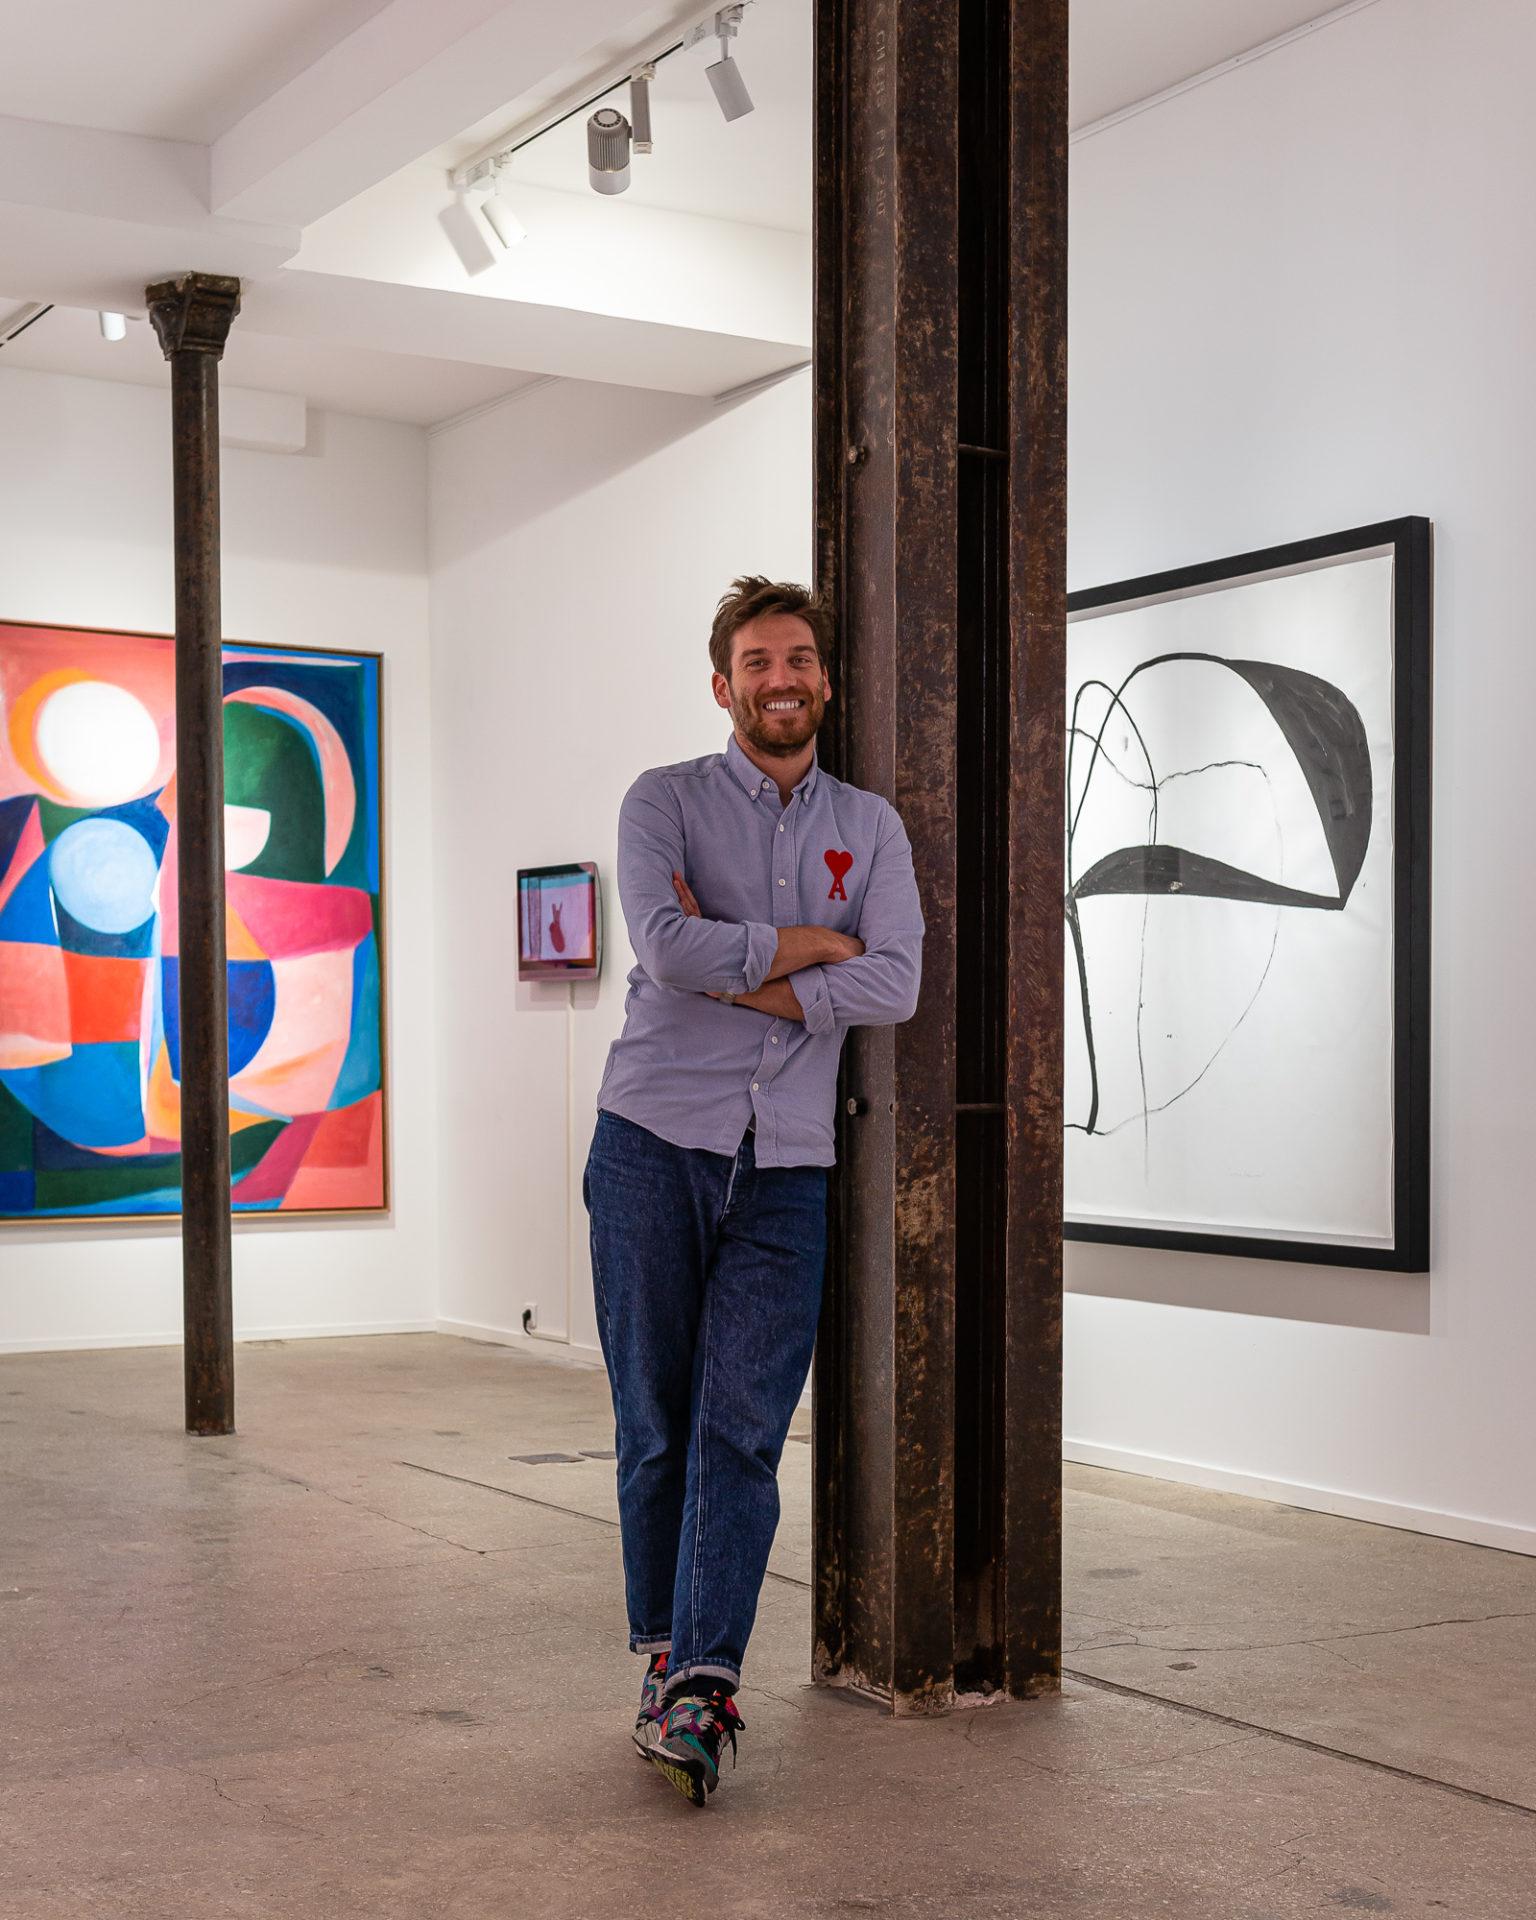 Nicolas Veidig-Favarel fondateur de Double V Gallery en chemise bleu Ami au milieu de sa galerie à marseille